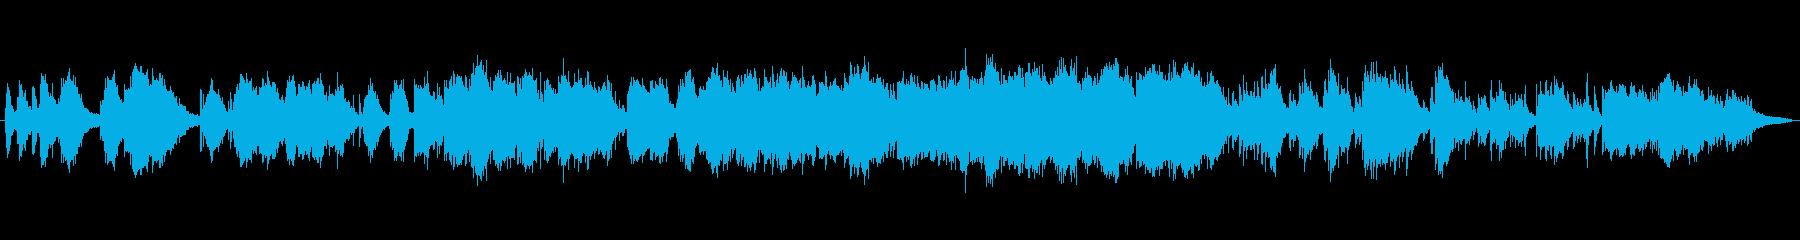 物悲しい静かなピアノの再生済みの波形